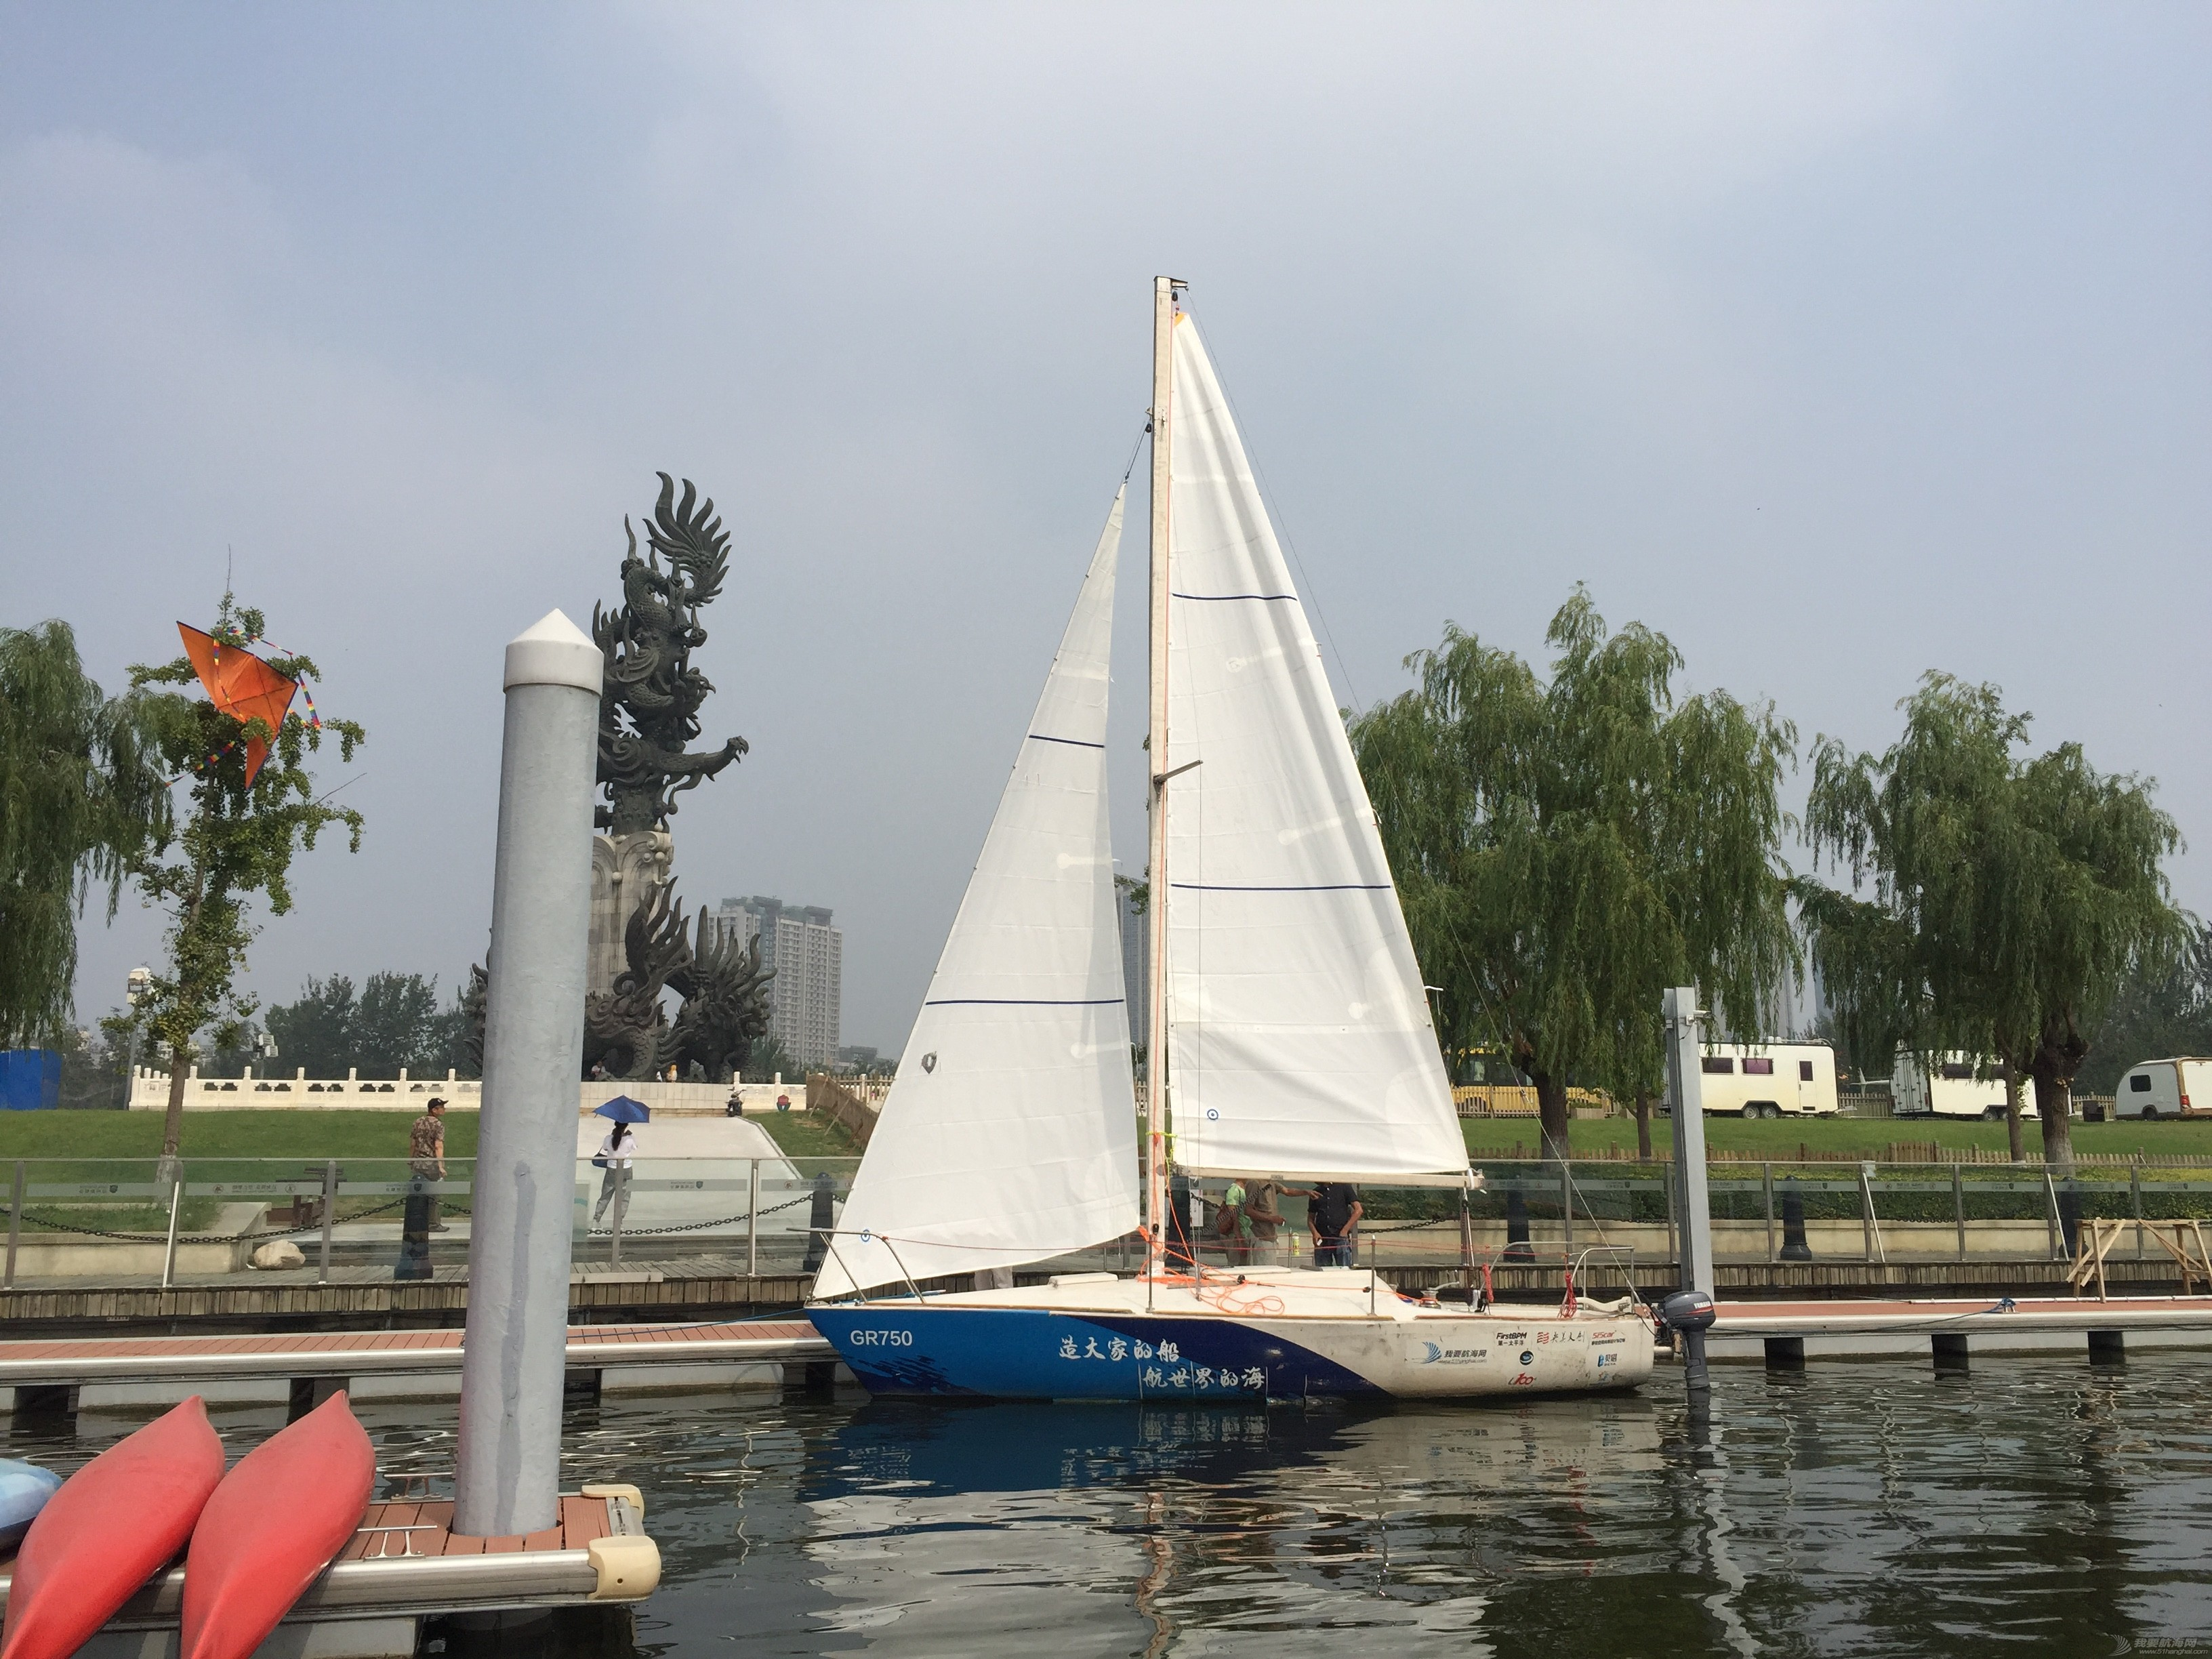 GR750全帆升起进行水上航行测试